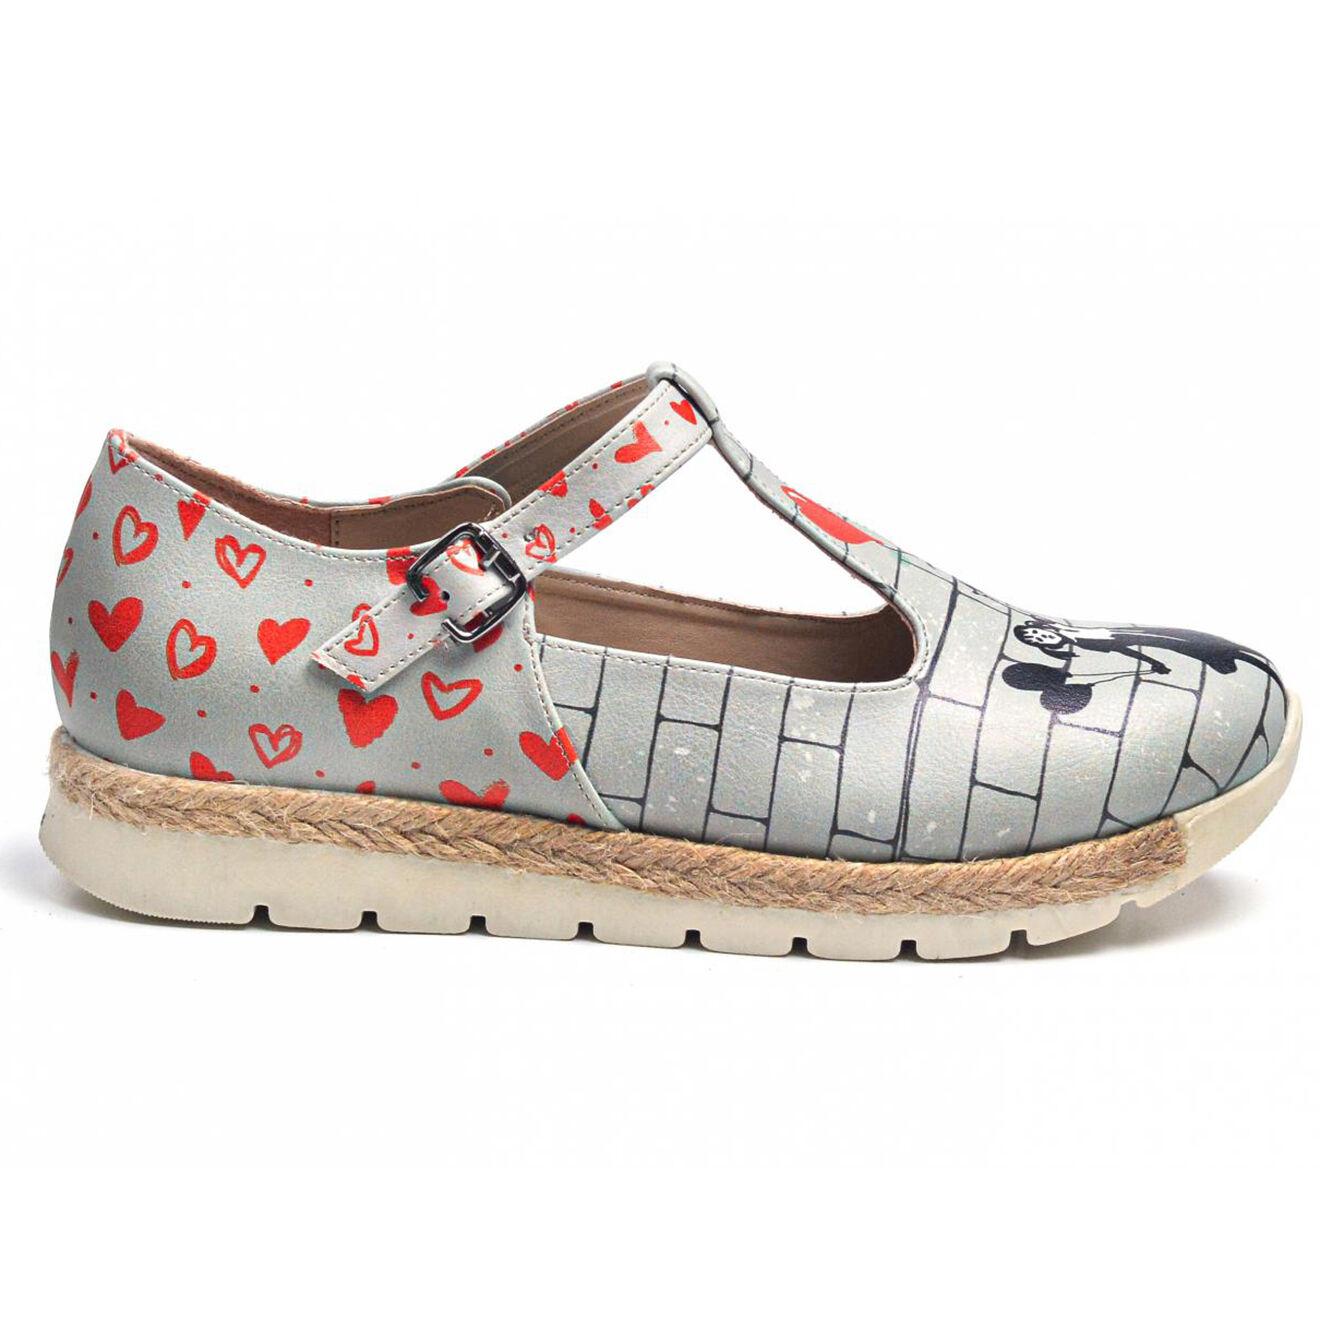 Sandales Artiste gris/rouge - Goby - Modalova